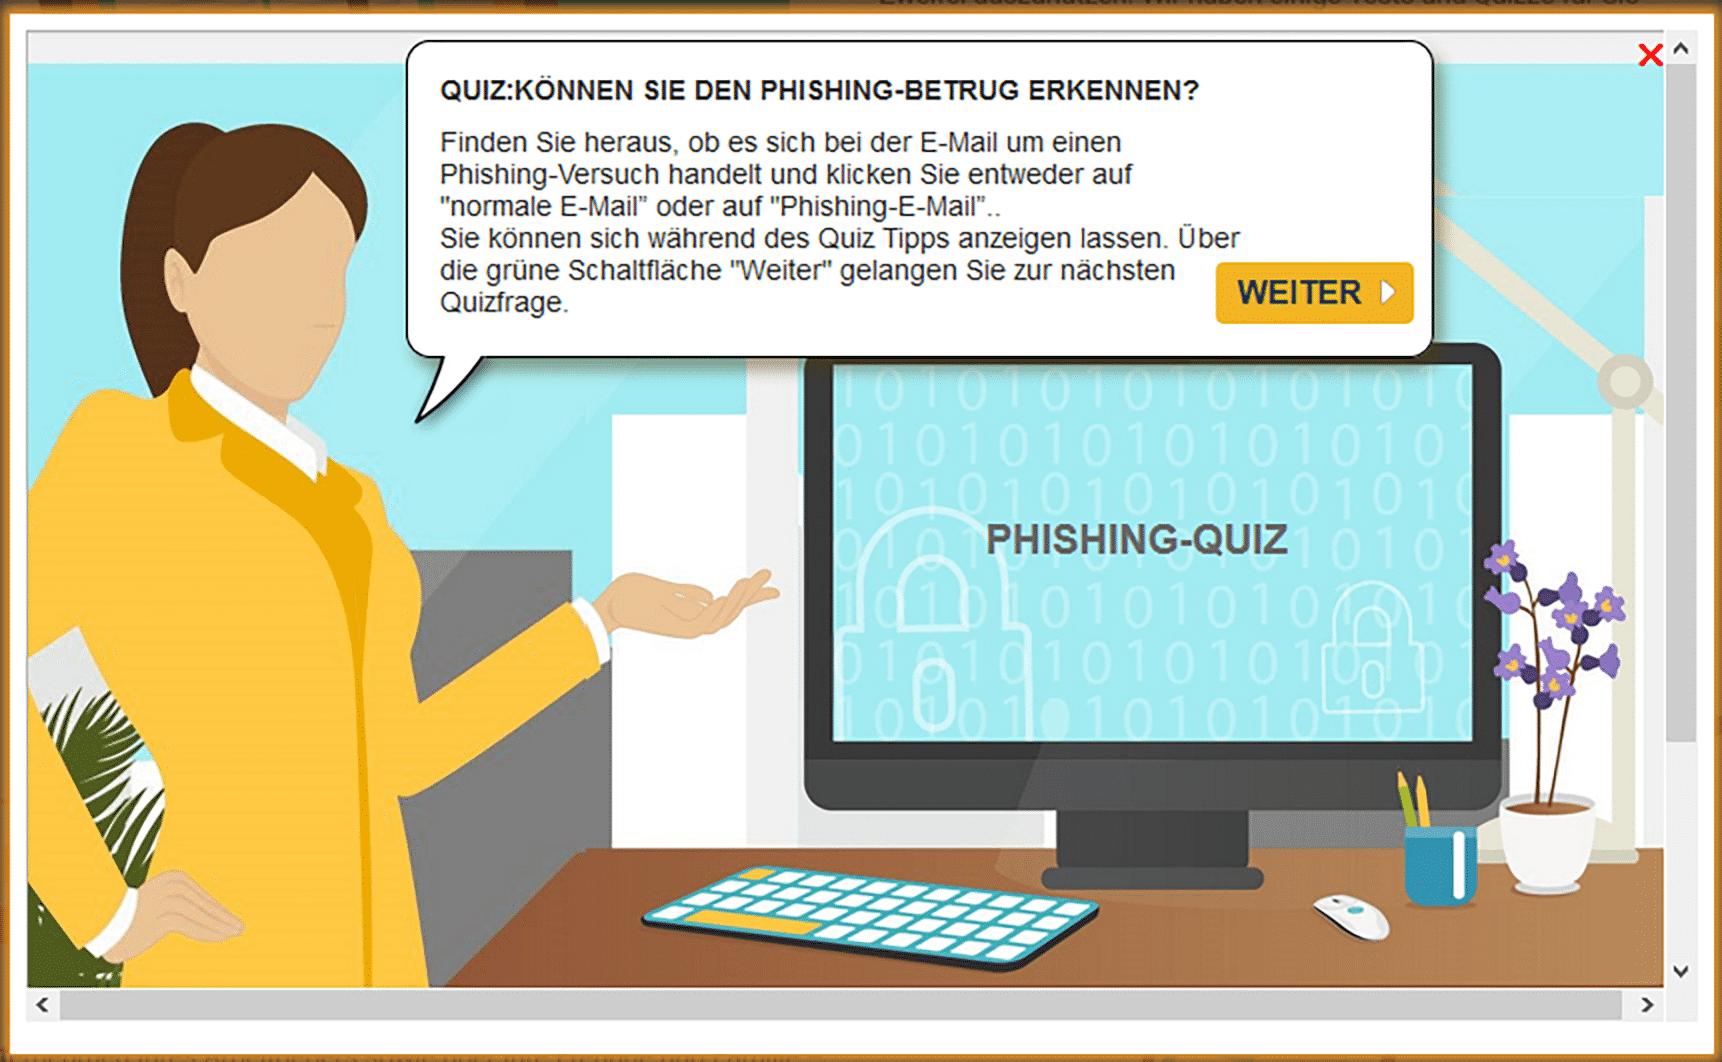 Web-Tipps: Faires Wirtschaften und Übungen gegen Phishing